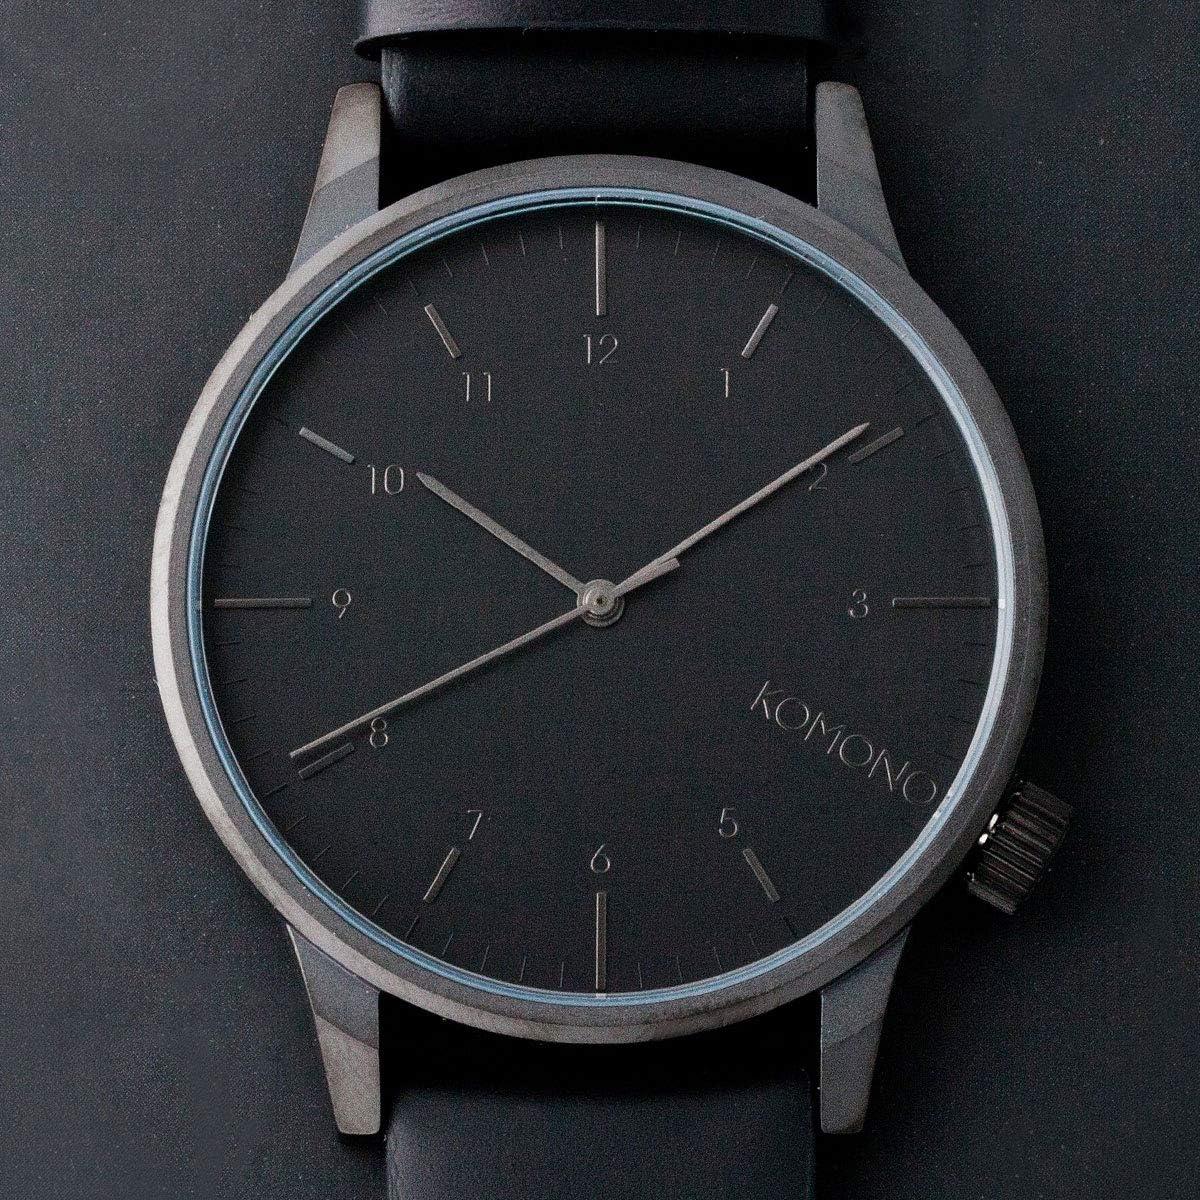 正規代理店 [KOMONO] コモノ 時計 腕時計 メンズ ユニセックス WINSTON REGAL ウィンストン リーガル KOM-W2264 オール ブラック